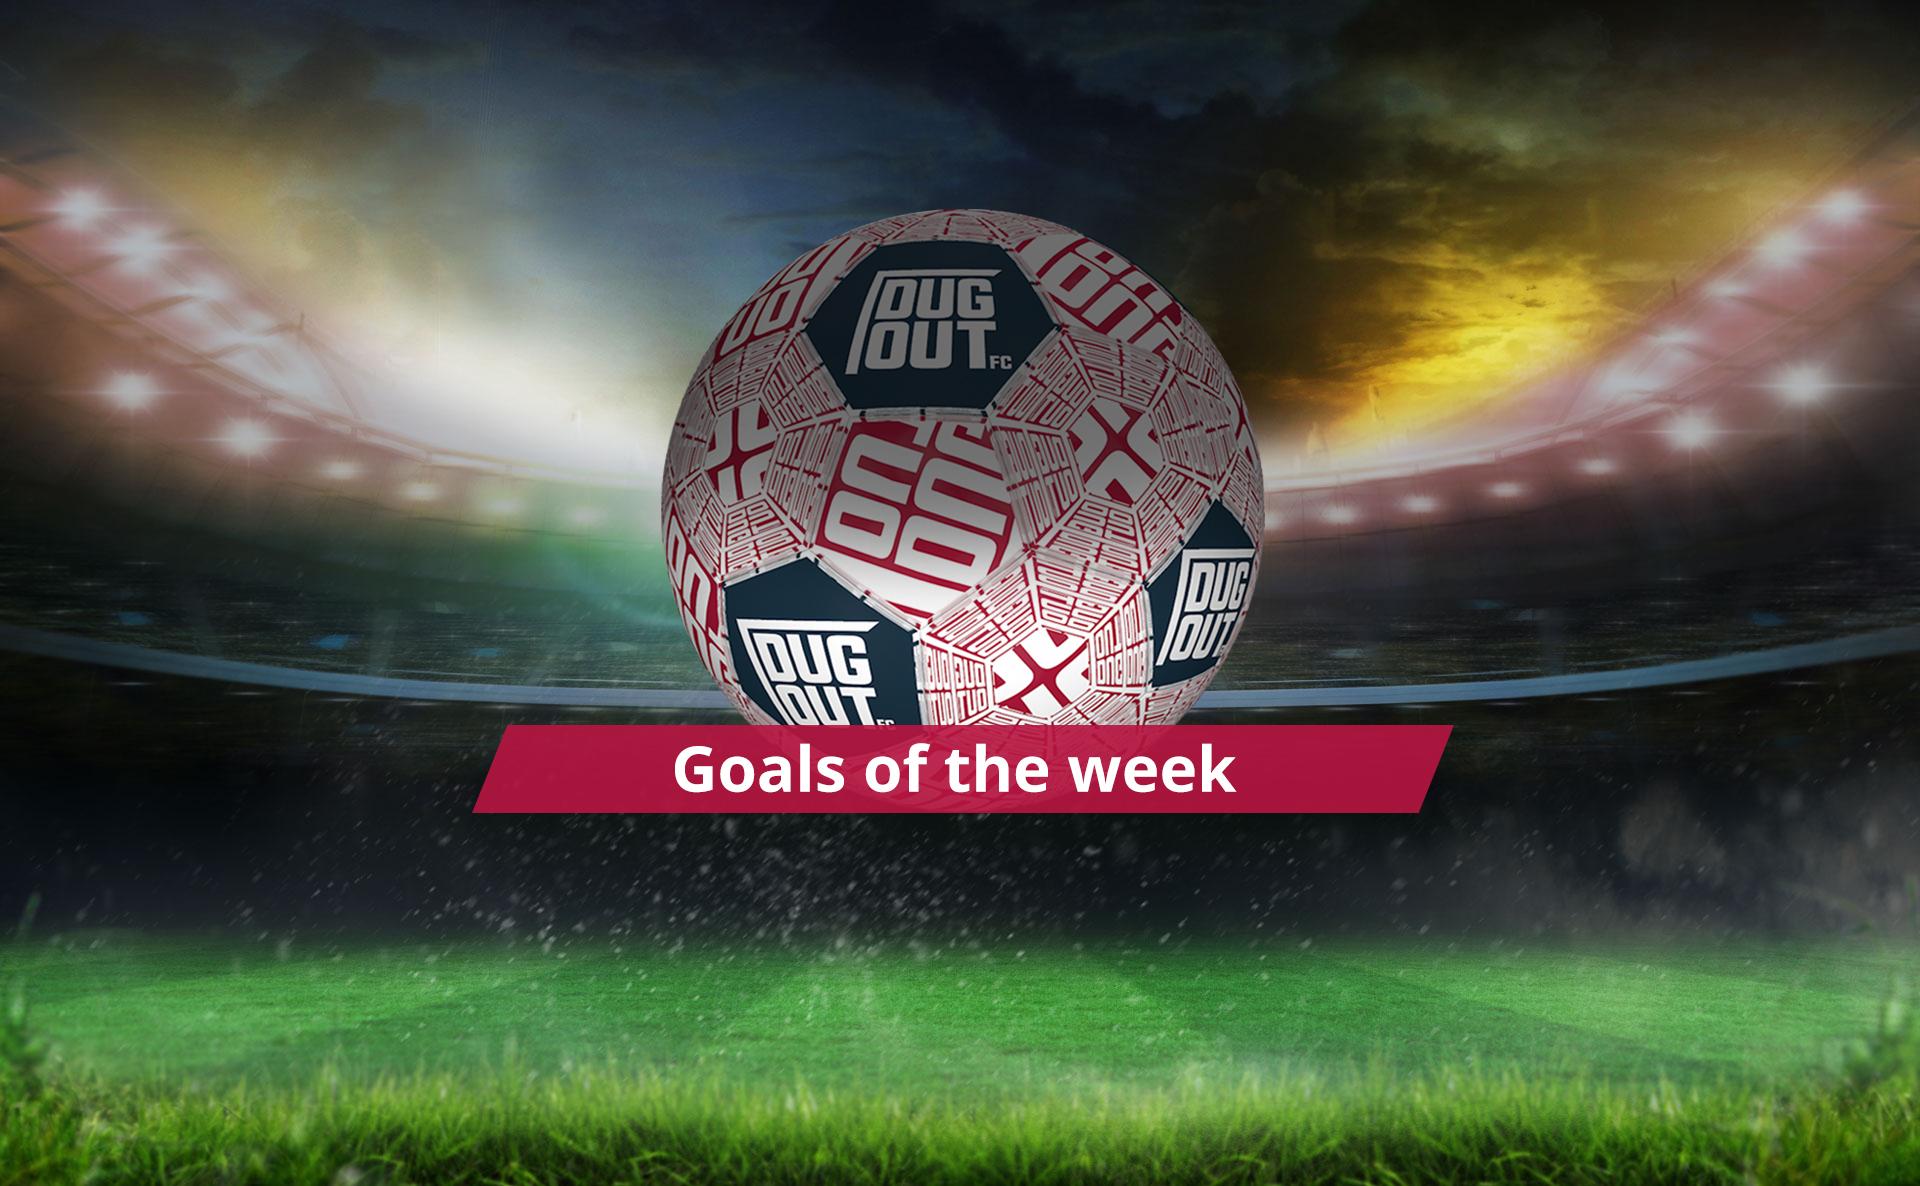 Premier League goals of the week - GW 23